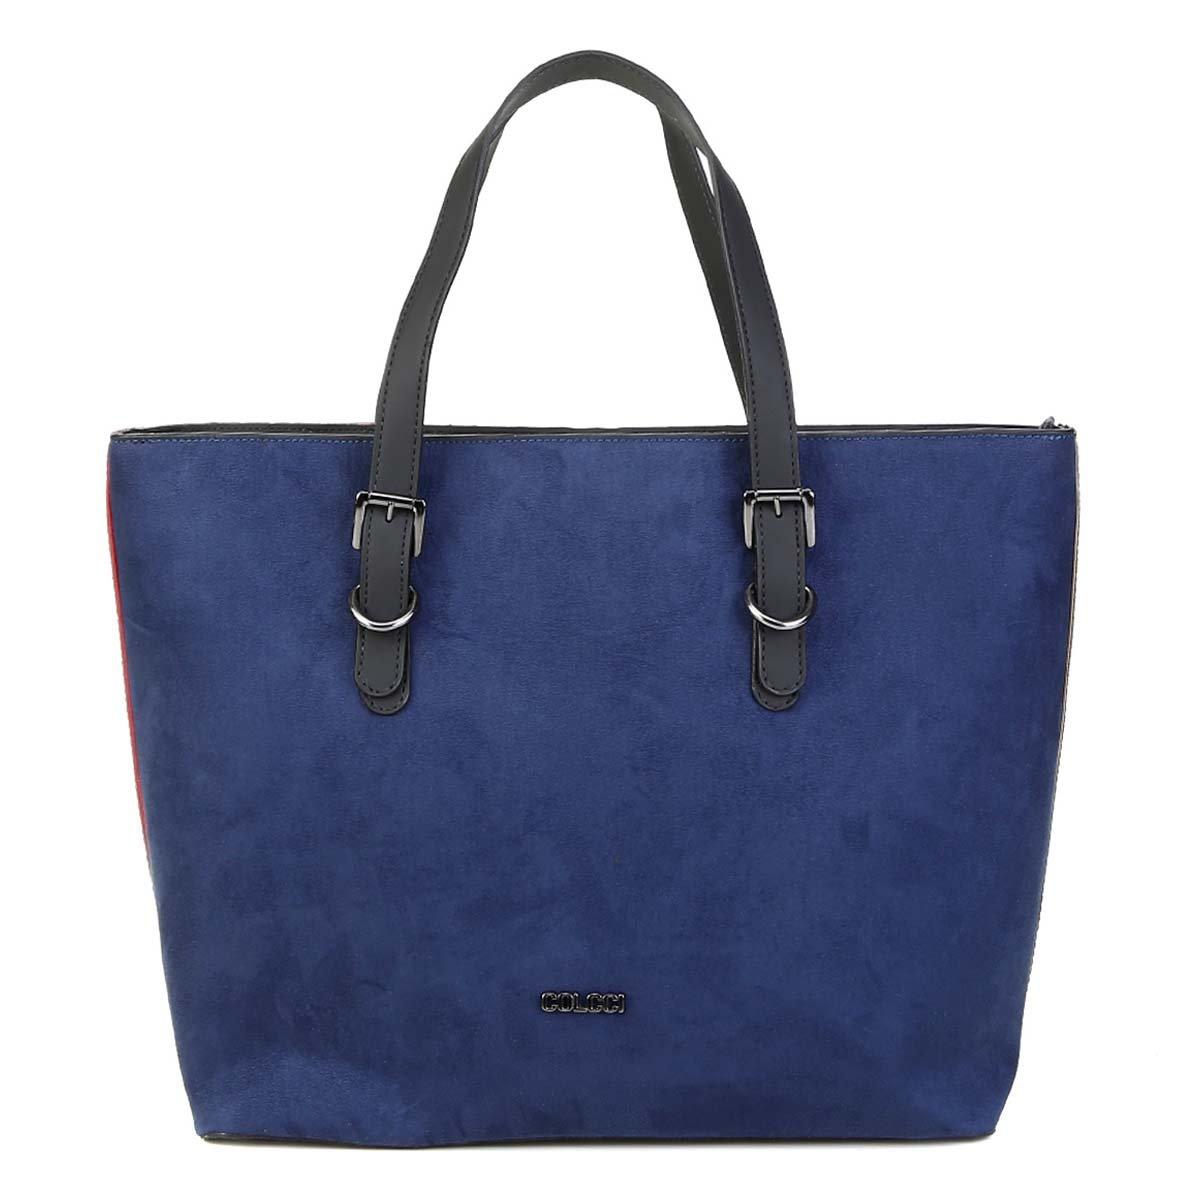 97a90f891 Bolsa Colcci Shopper Detalhe Fivela Feminina